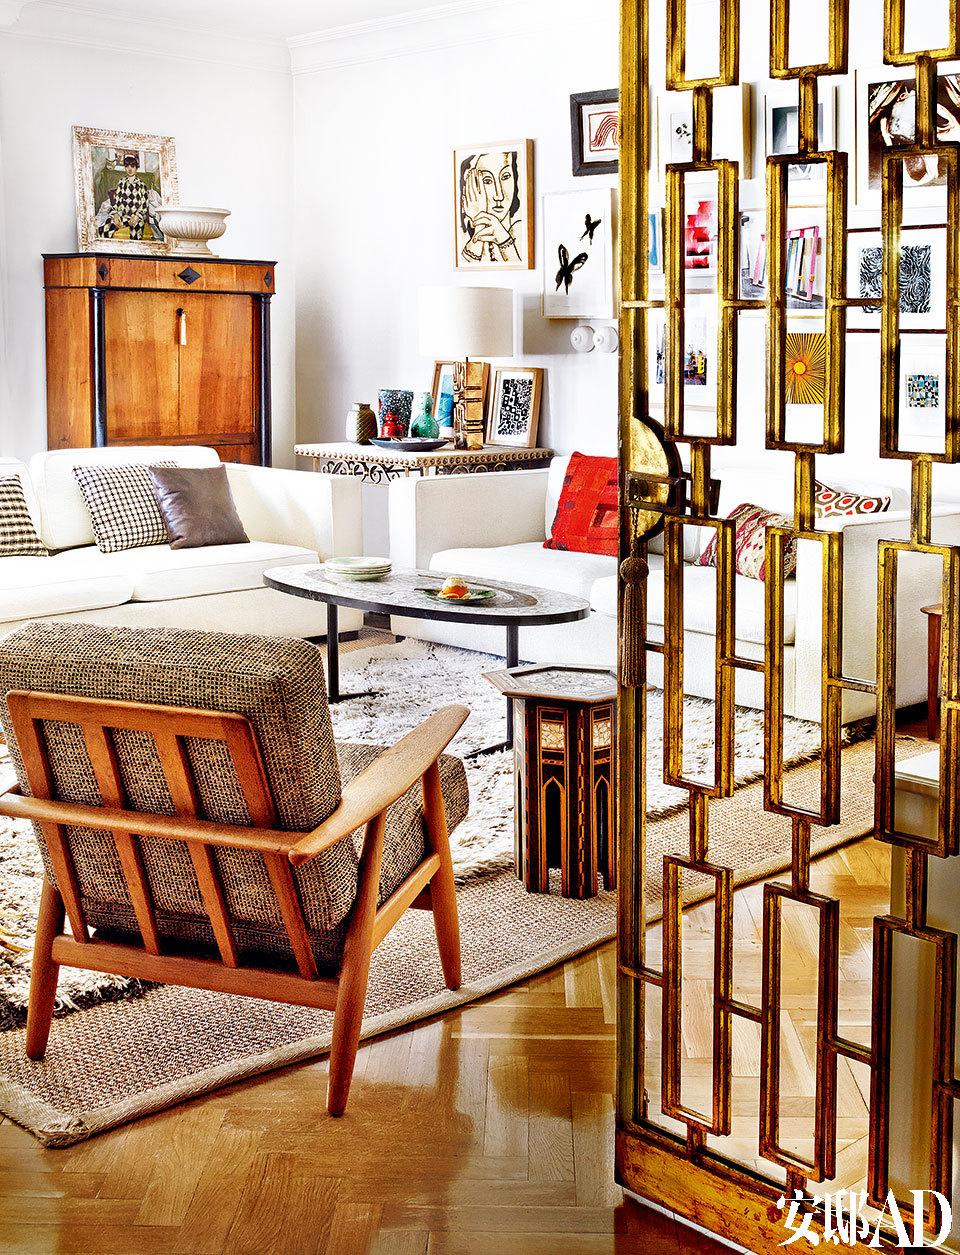 """客厅另一角。Nobilis花呢面扶手椅是在Mfaktum购买的,摩洛哥小边桌来自丹吉尔。远处是一个家传的19世纪文件柜,上面摆着Montse的母 亲画的小丑油画。剑麻席上铺着在Siesta Y Mant A购买的Beni Ouarain羊毛地毯。""""我为了这个房子里那些包金的格栅而买下了'她',而且当时'的她'足够破旧,给了我随意改造的自由!"""""""